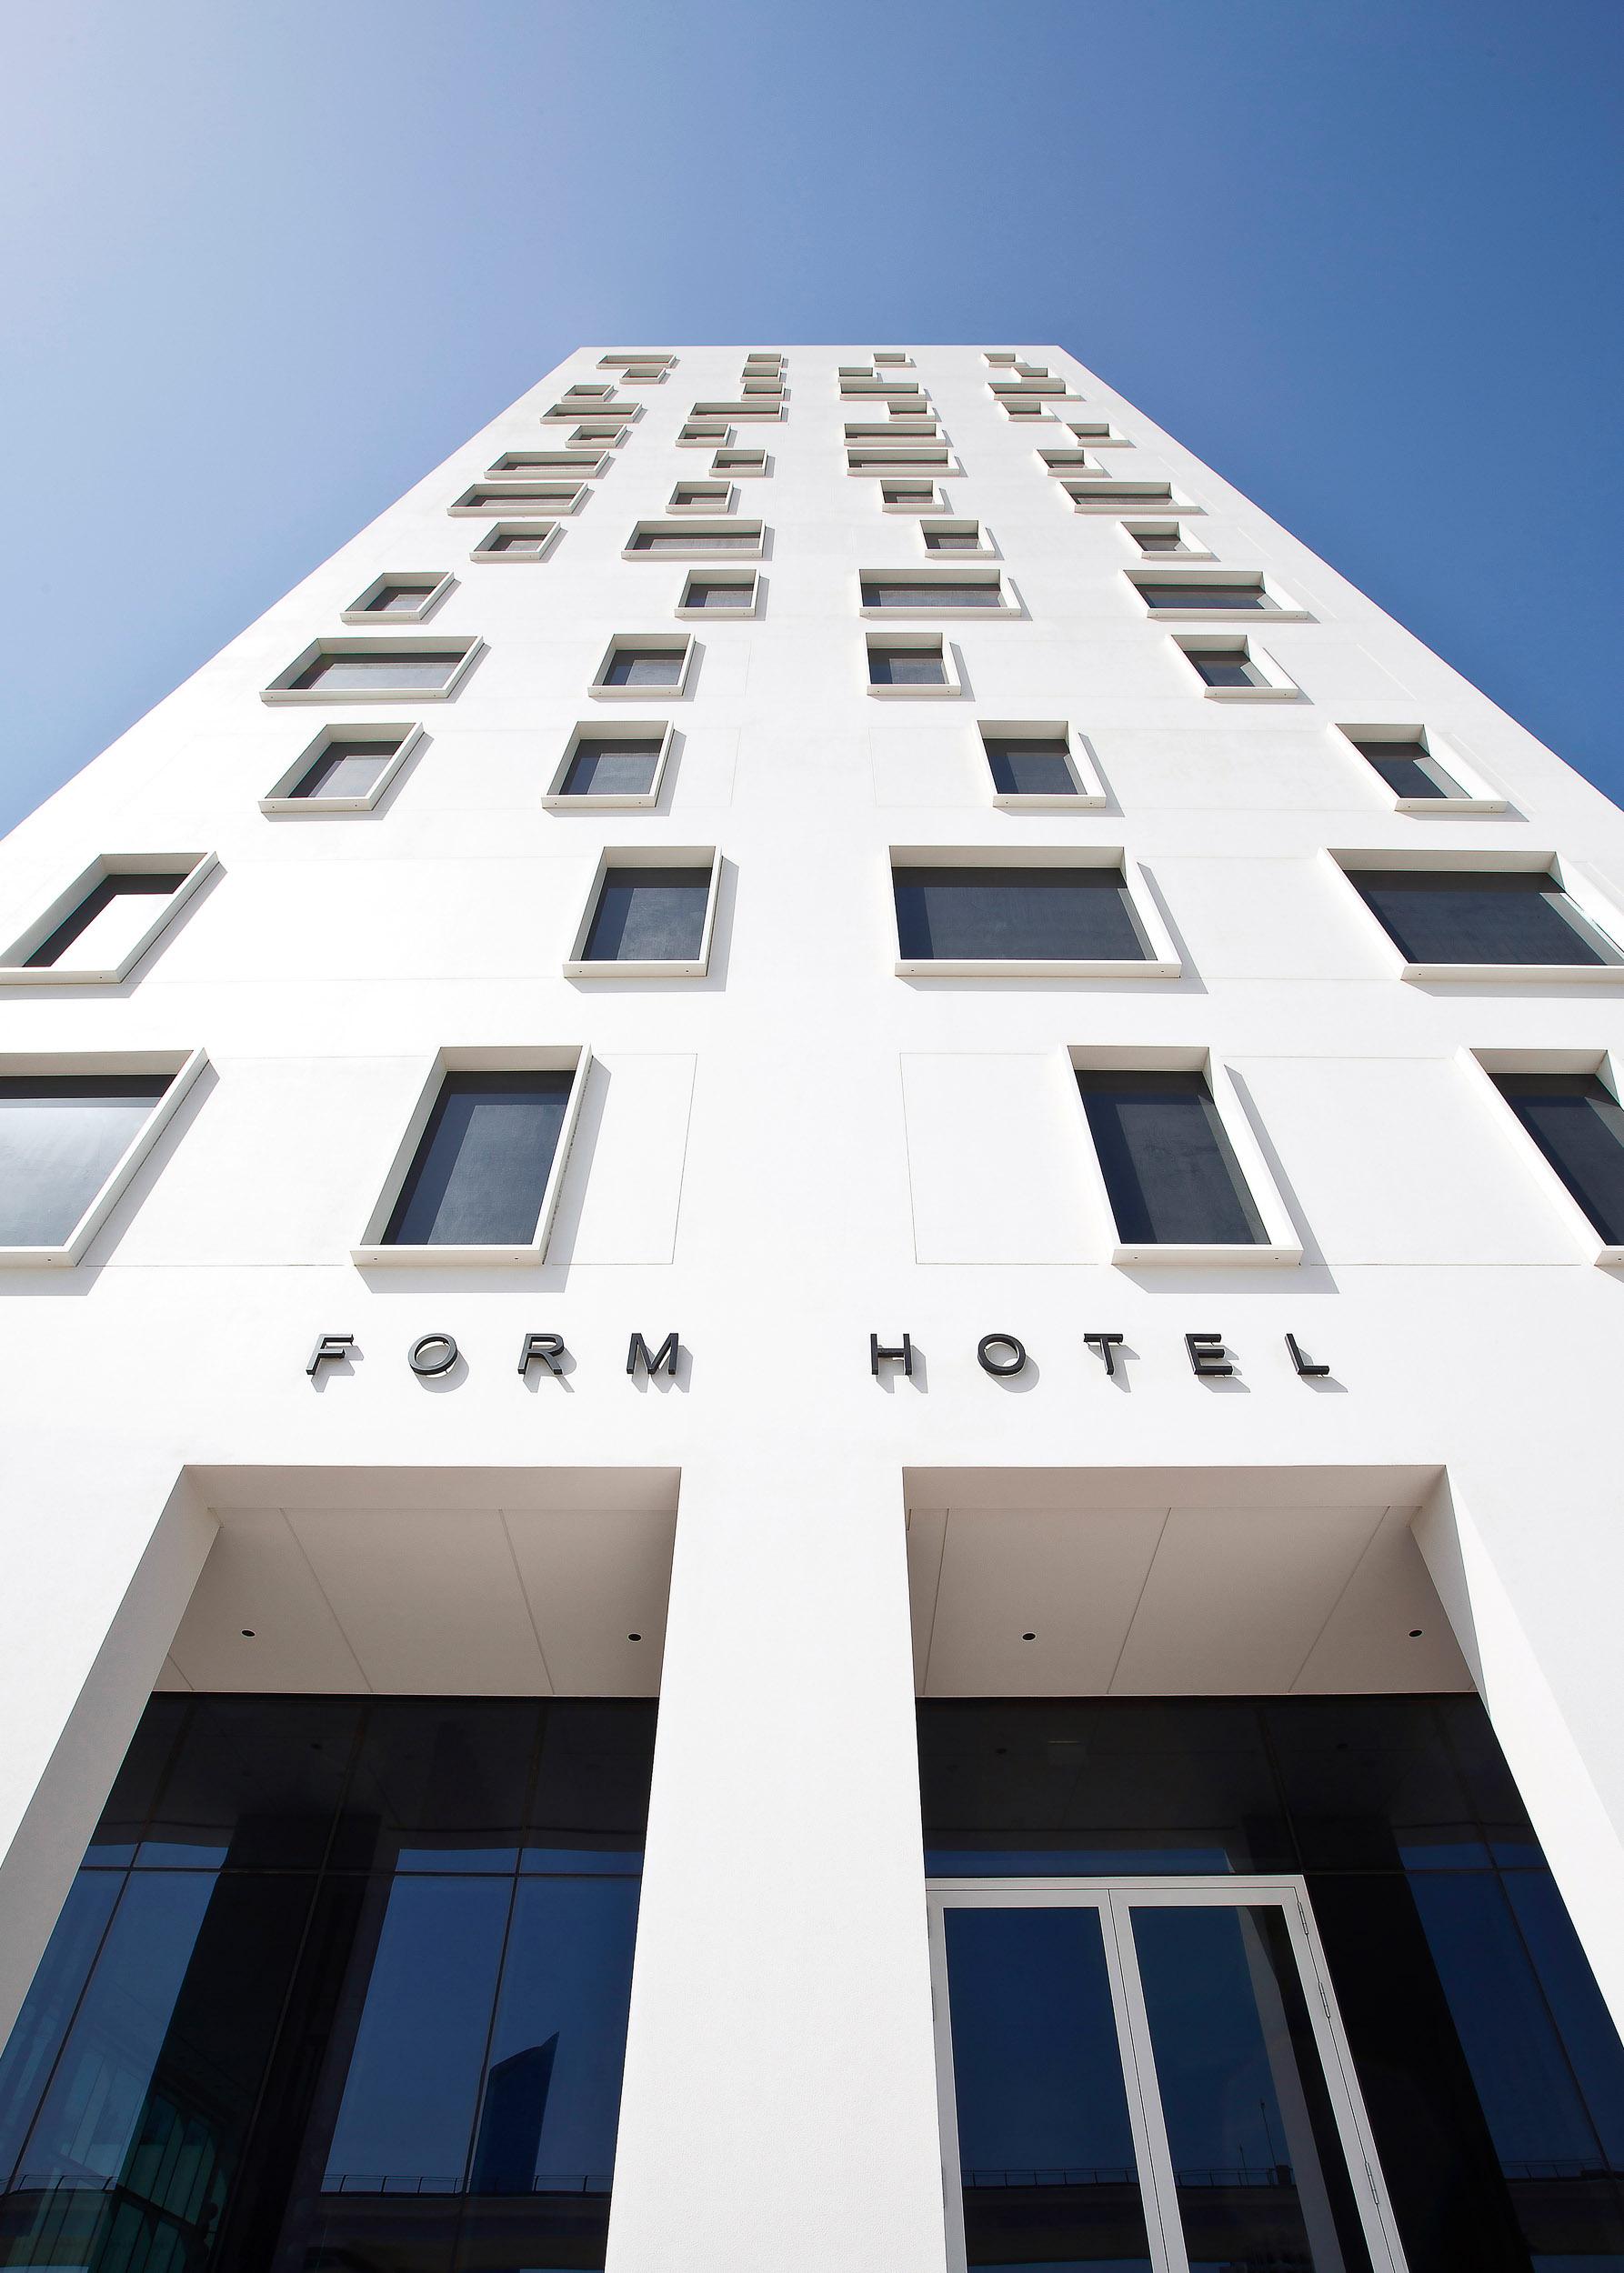 FORM Hotel Dubai - Facade (front).JPG